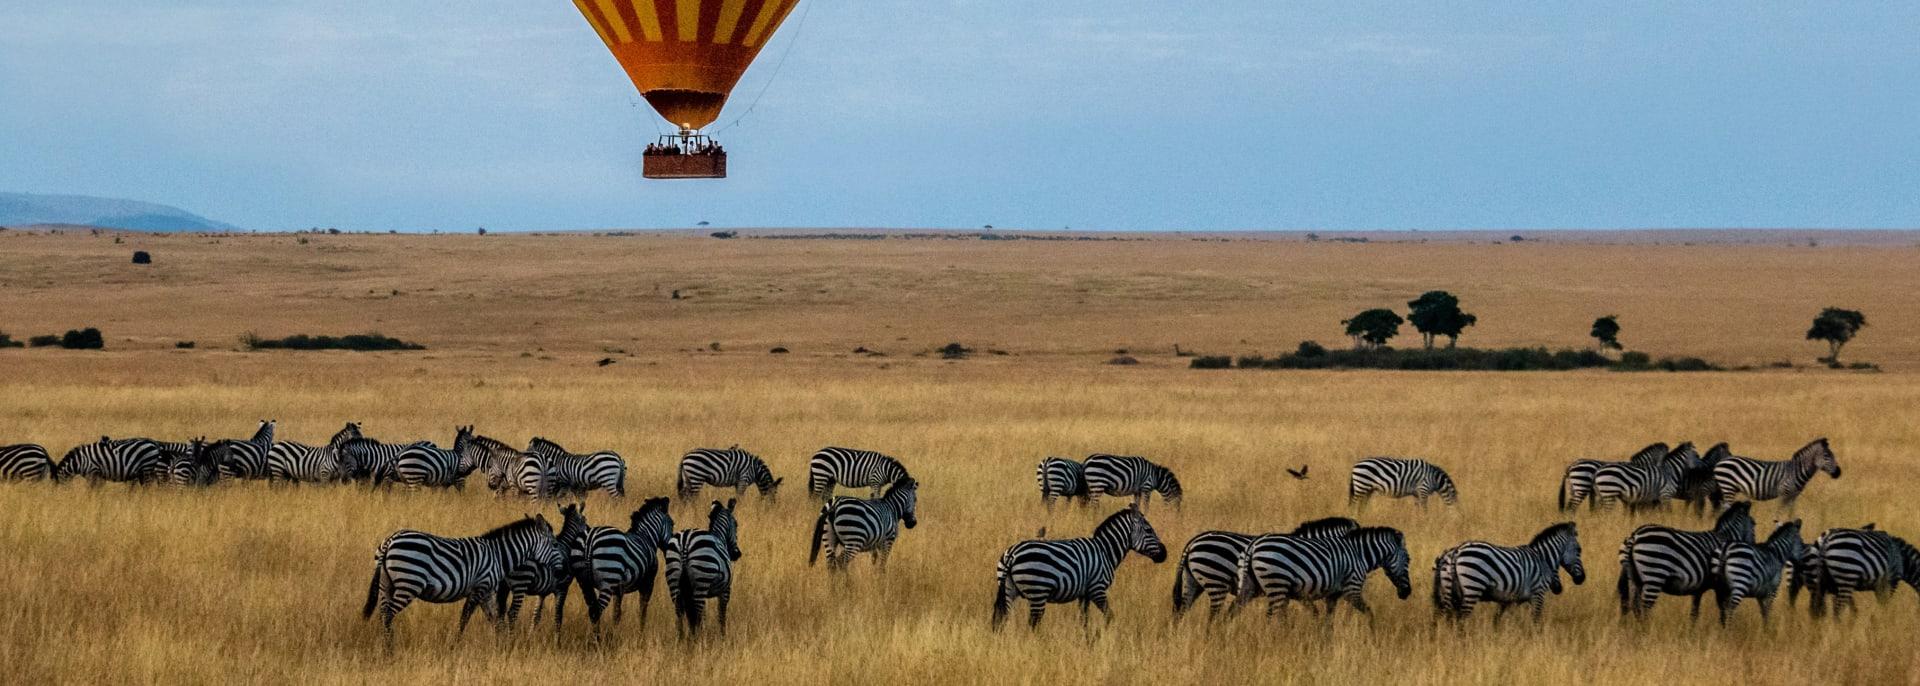 Zebras mit Luftballon im Hintergrund